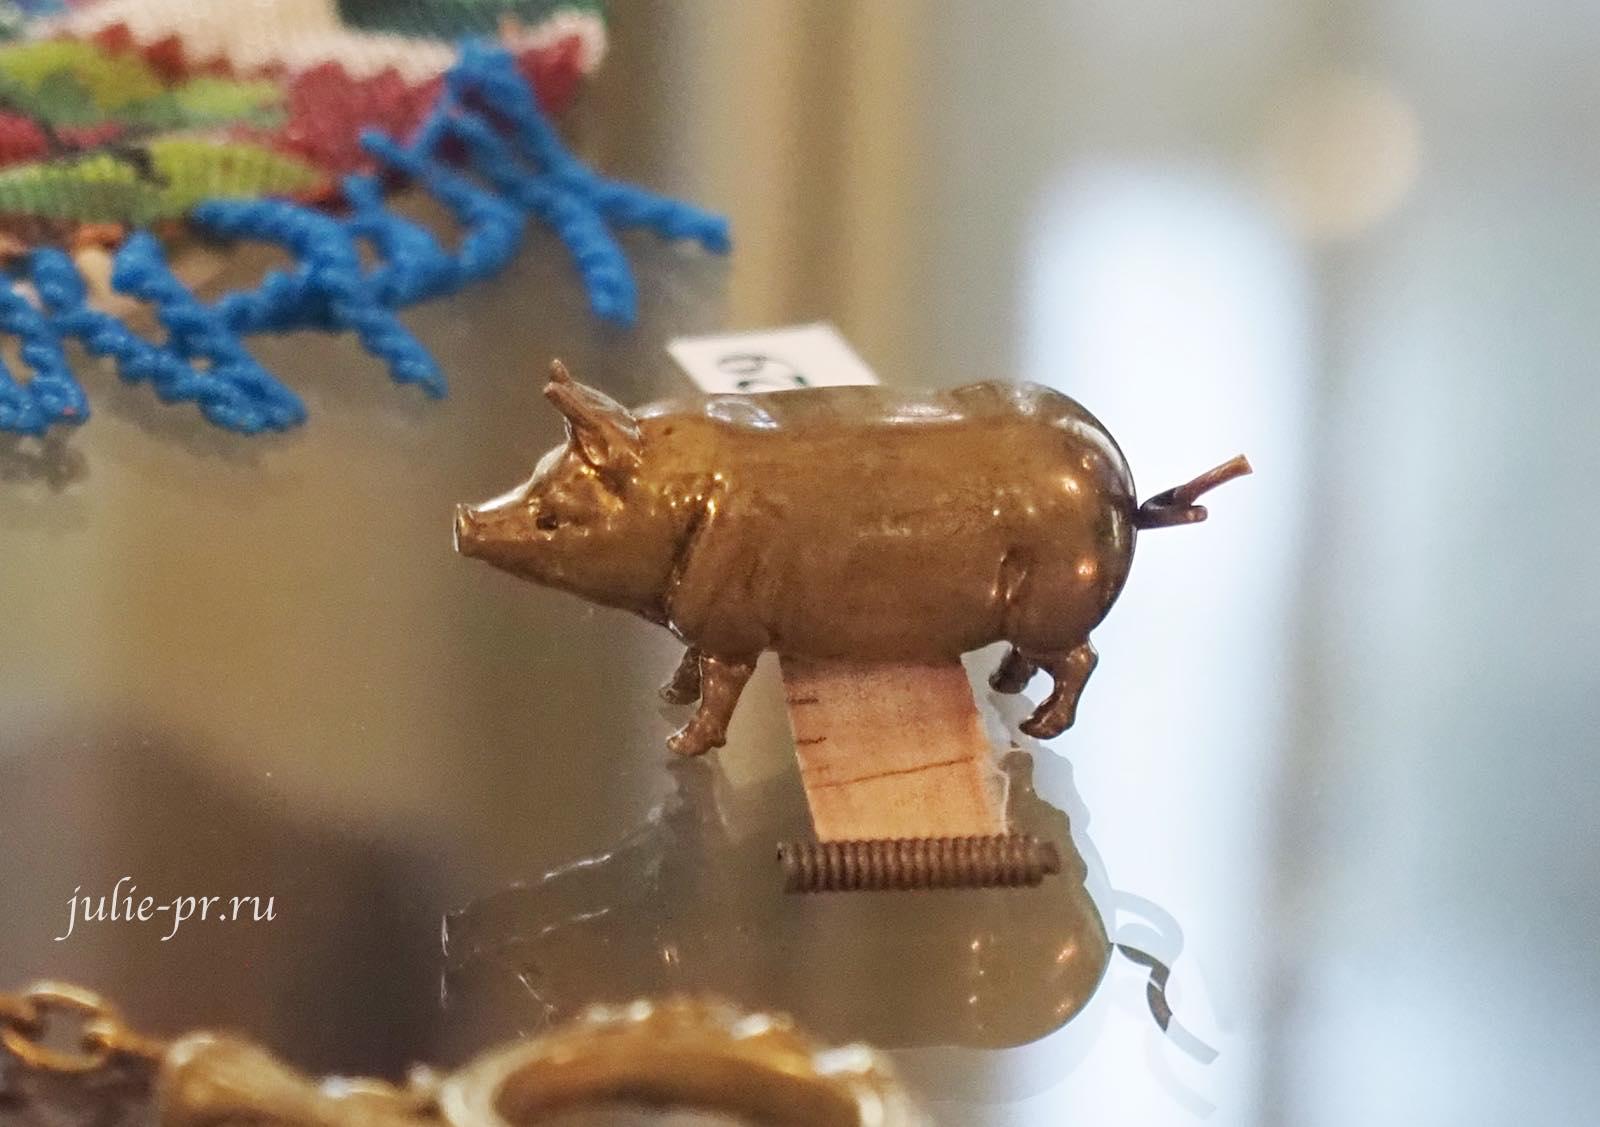 Сантиметровая лента в виде свинки — Западная Европа, конец XIX в.